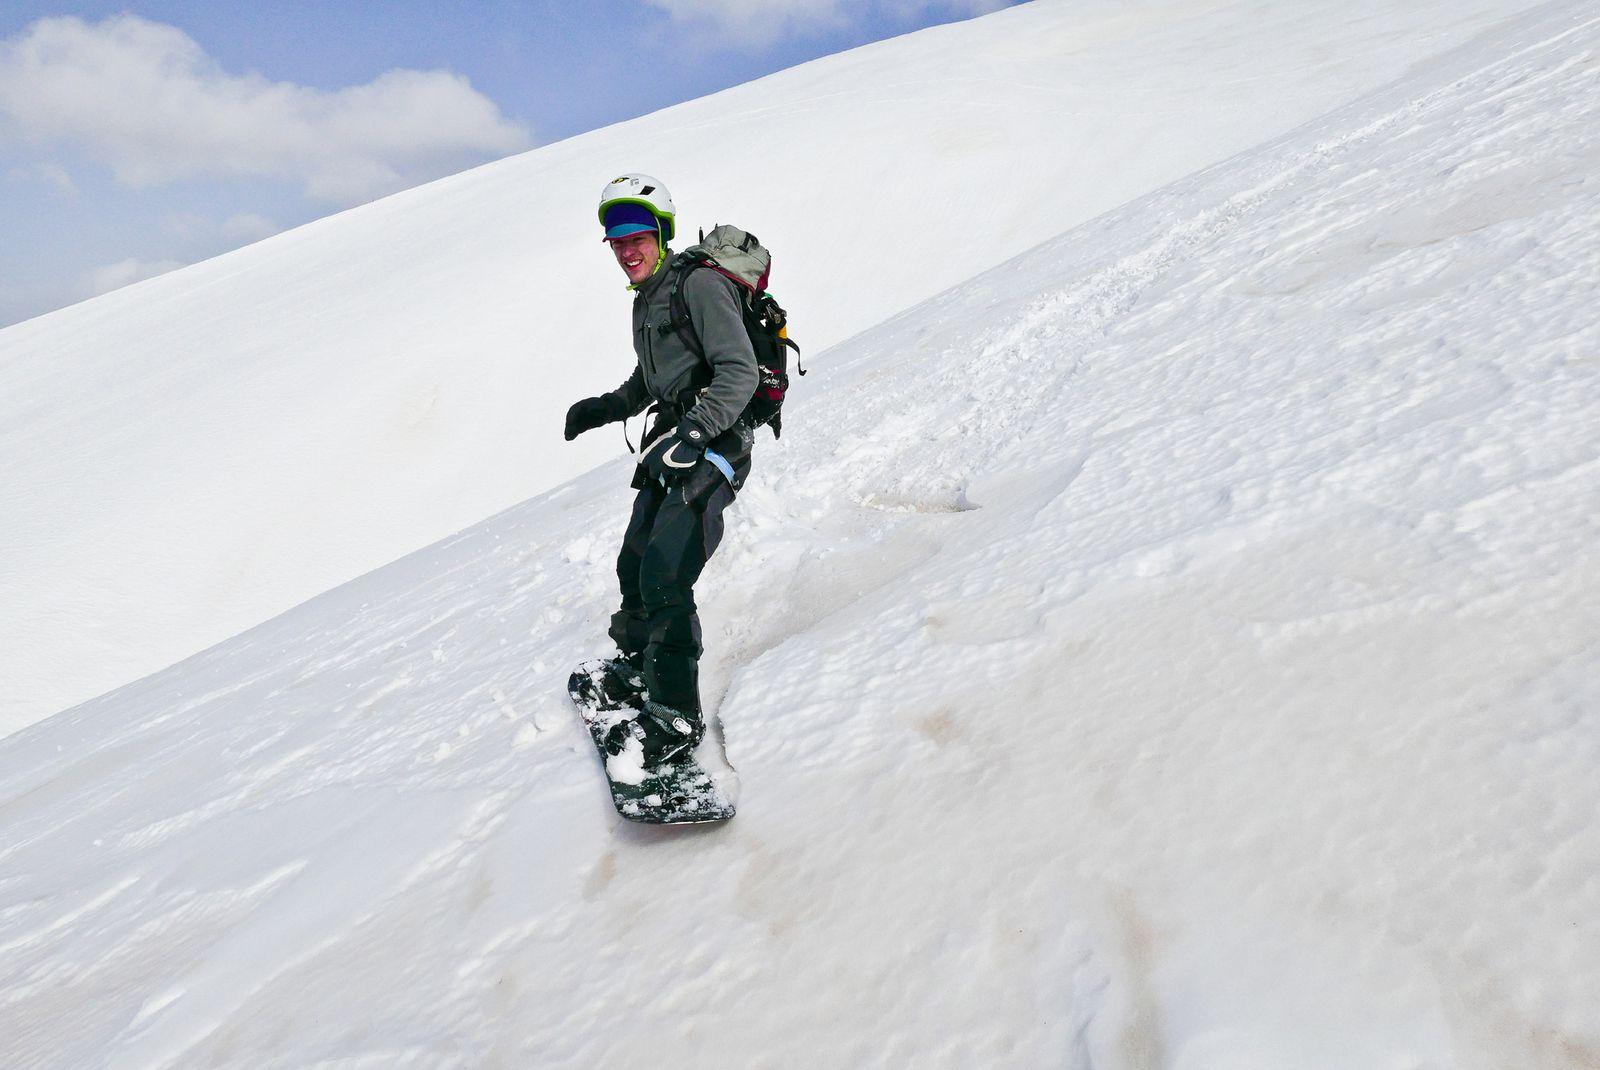 Pente ouest du beau ski souvent sur une neige gelée, attendre le décaillage.